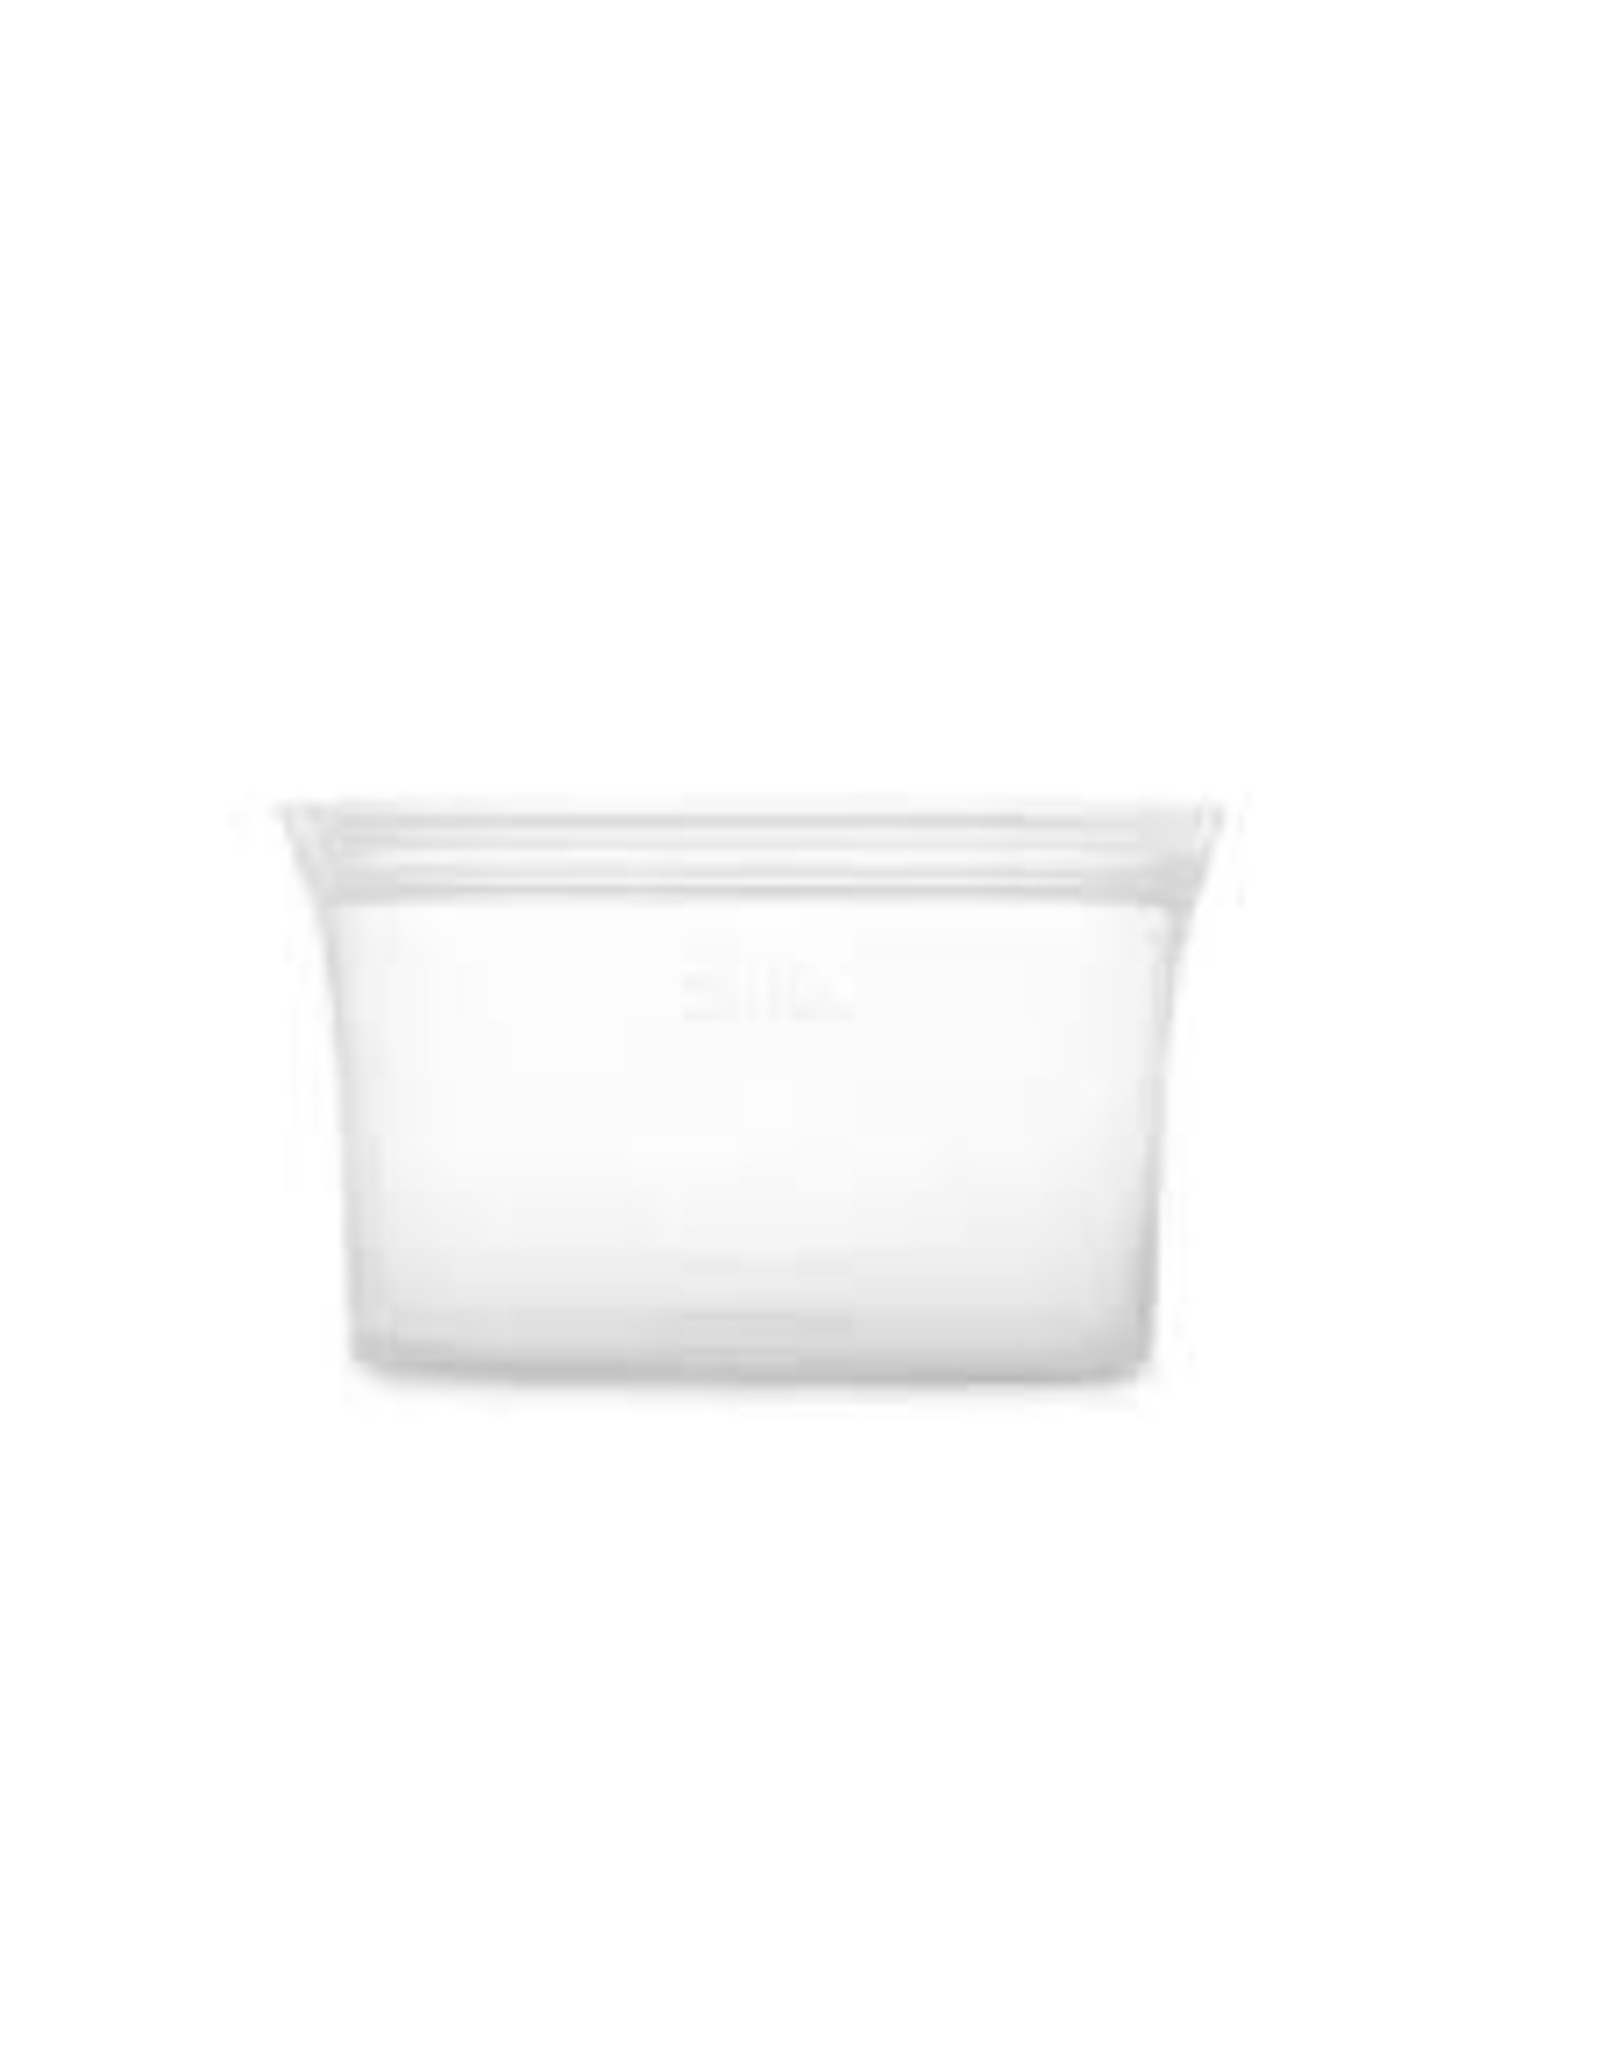 Ziptop Zip Top - Medium Dish - Frost